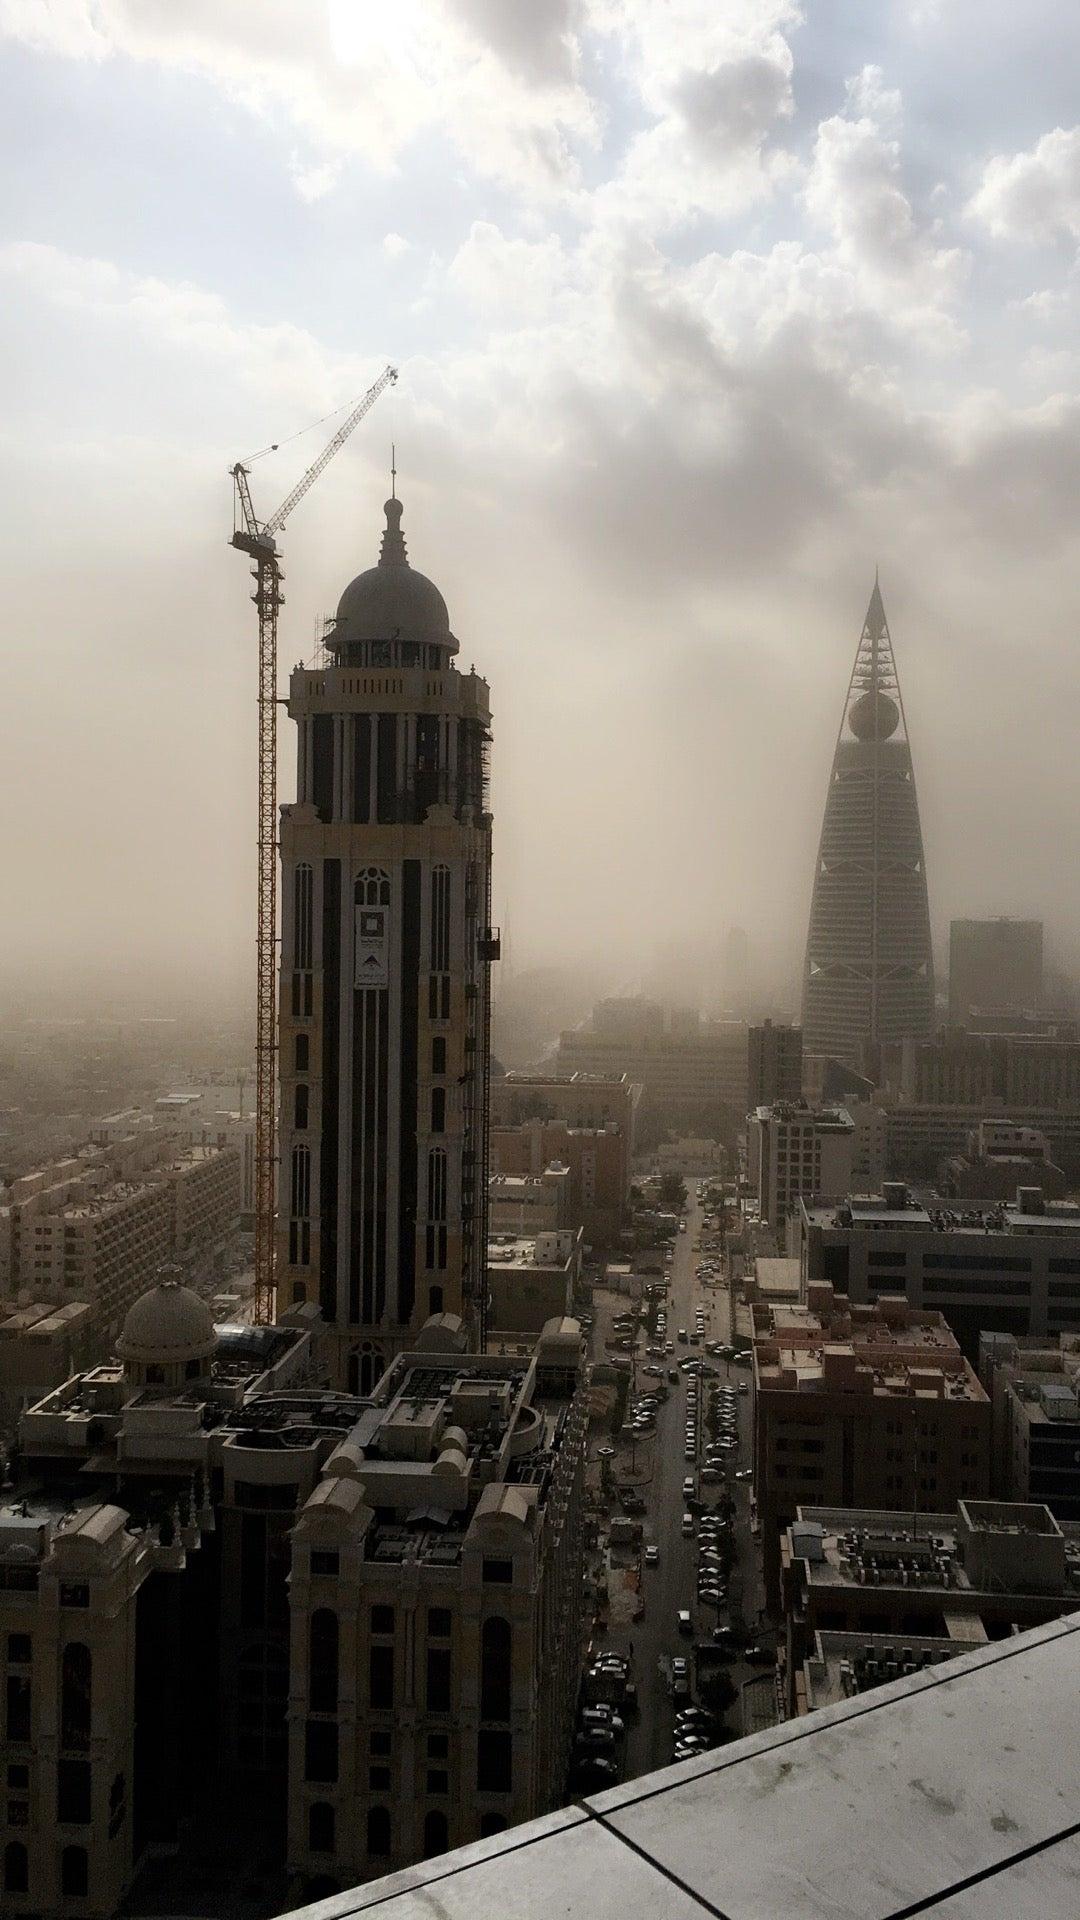 فَلَّة الرياض - بنك الرياض - ابراج العليا